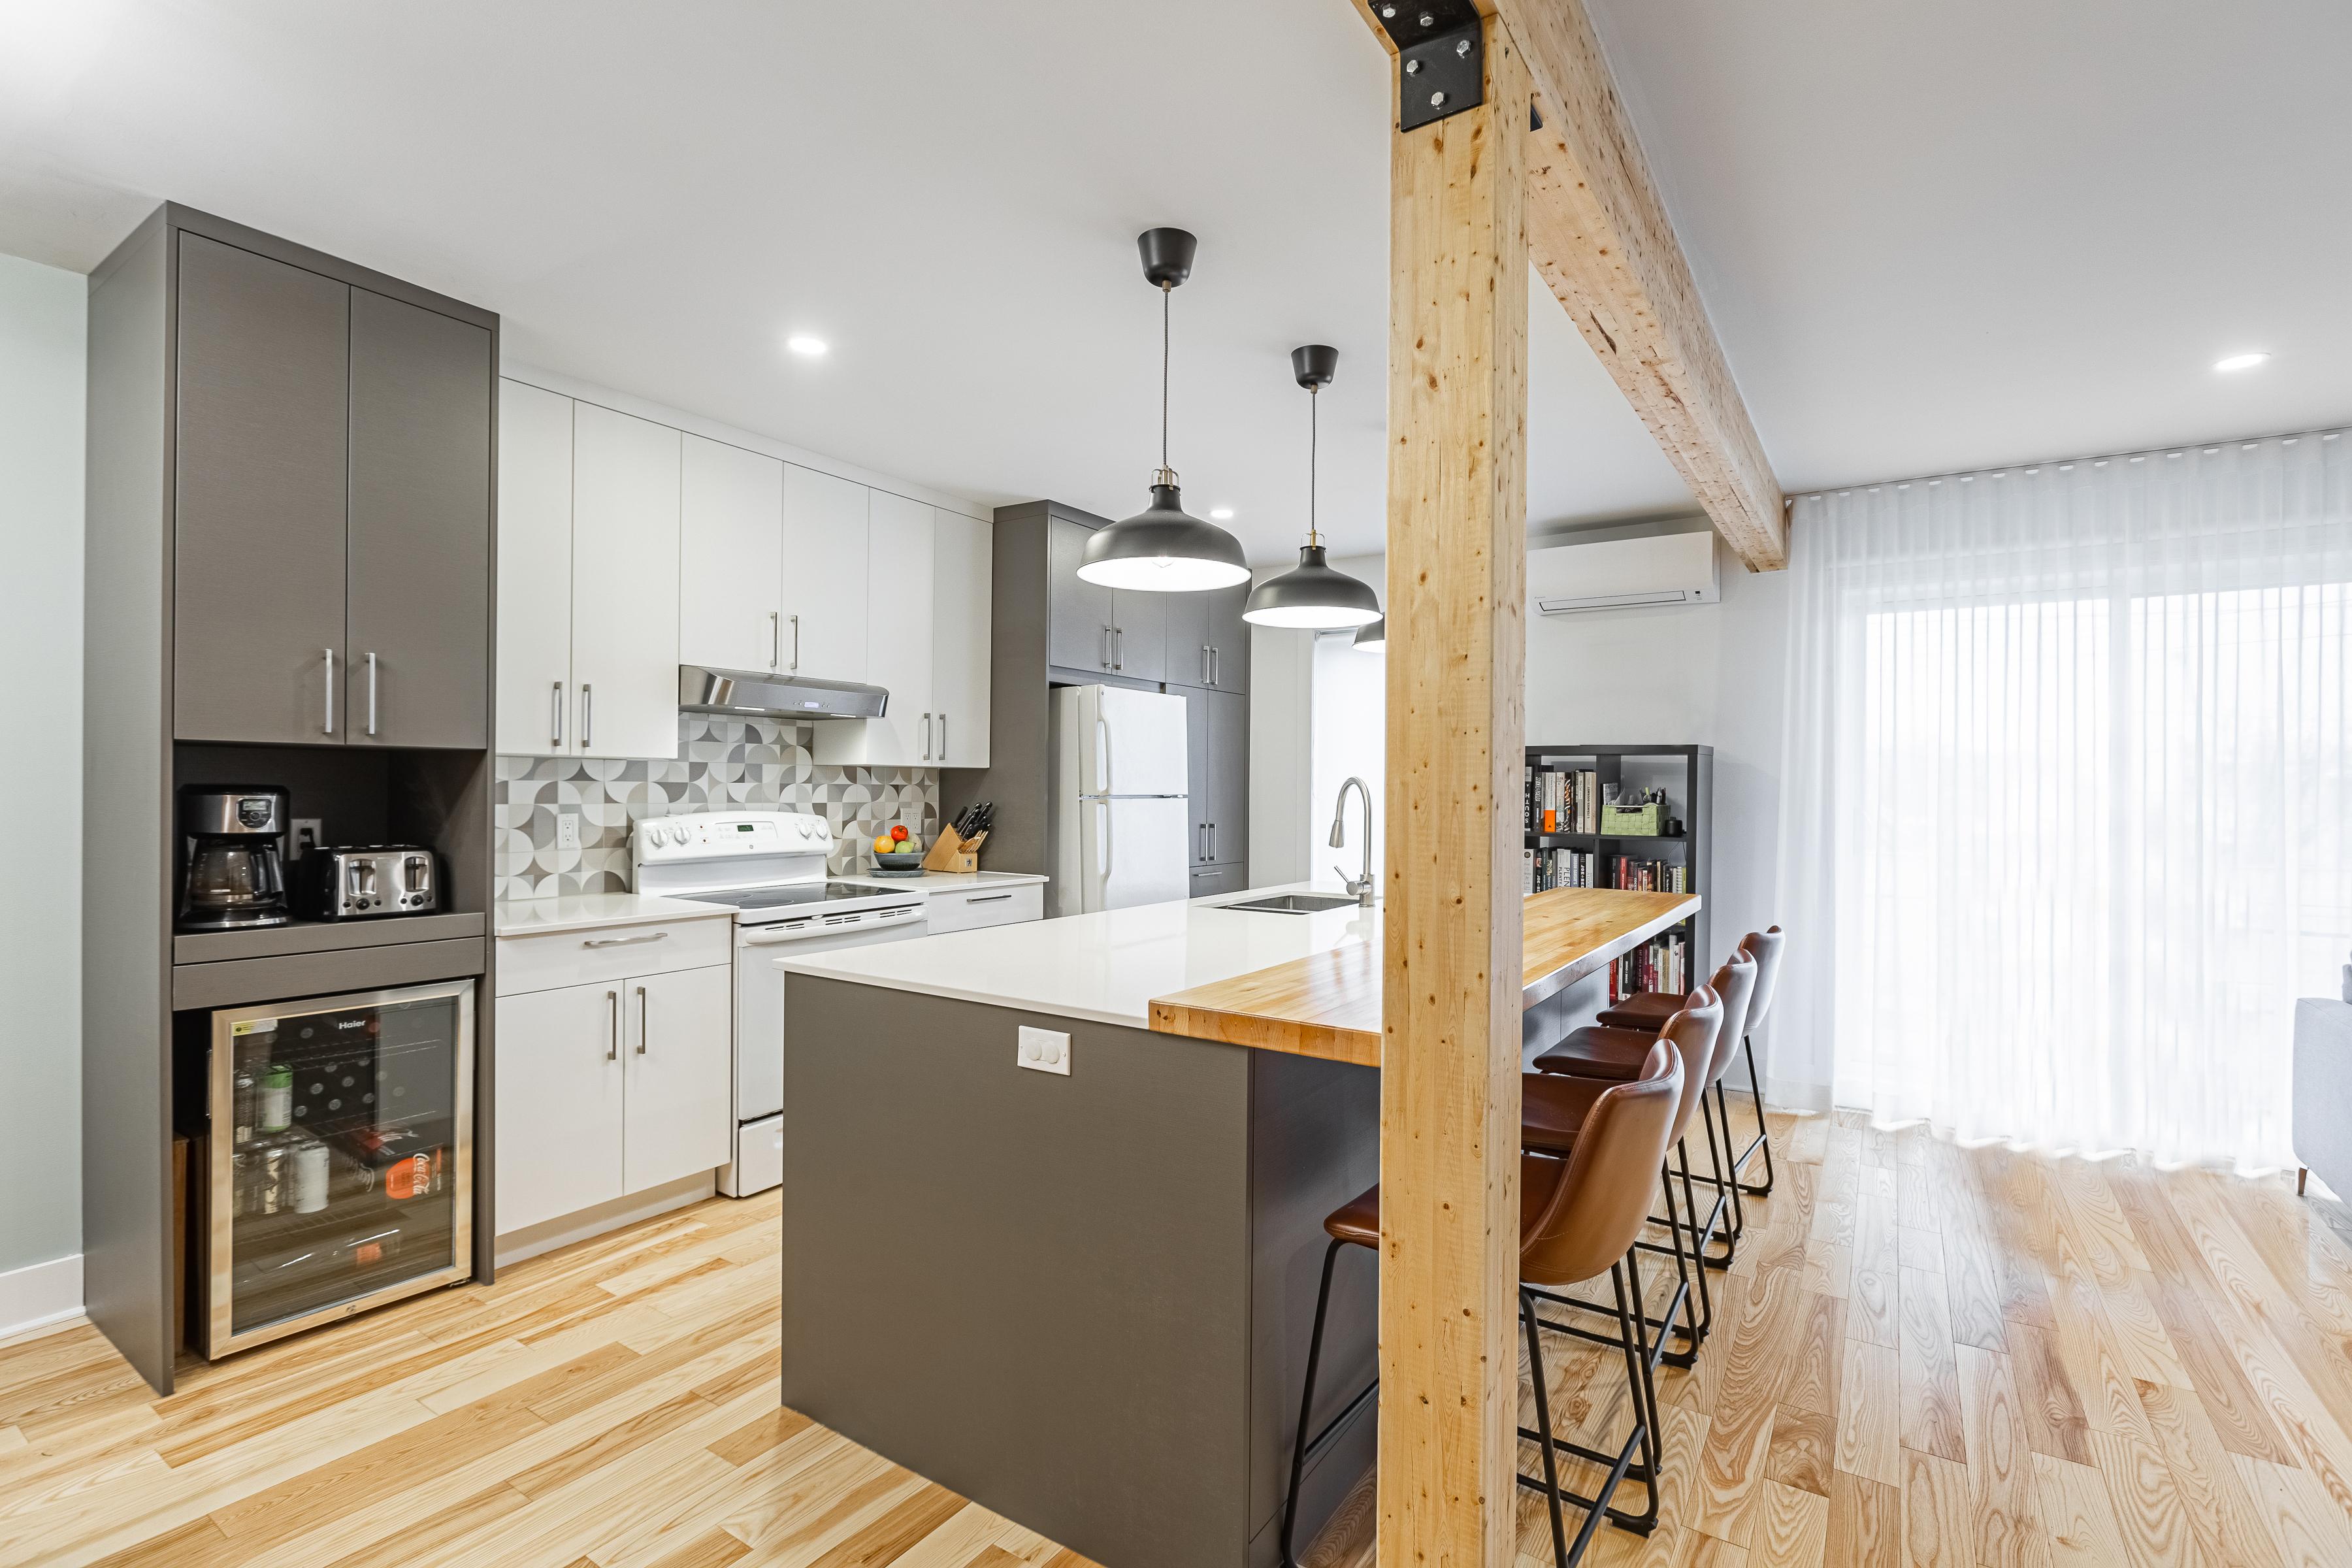 grand îlot dans une cuisine à aire ouverte moderne avec armoires blanches et grises